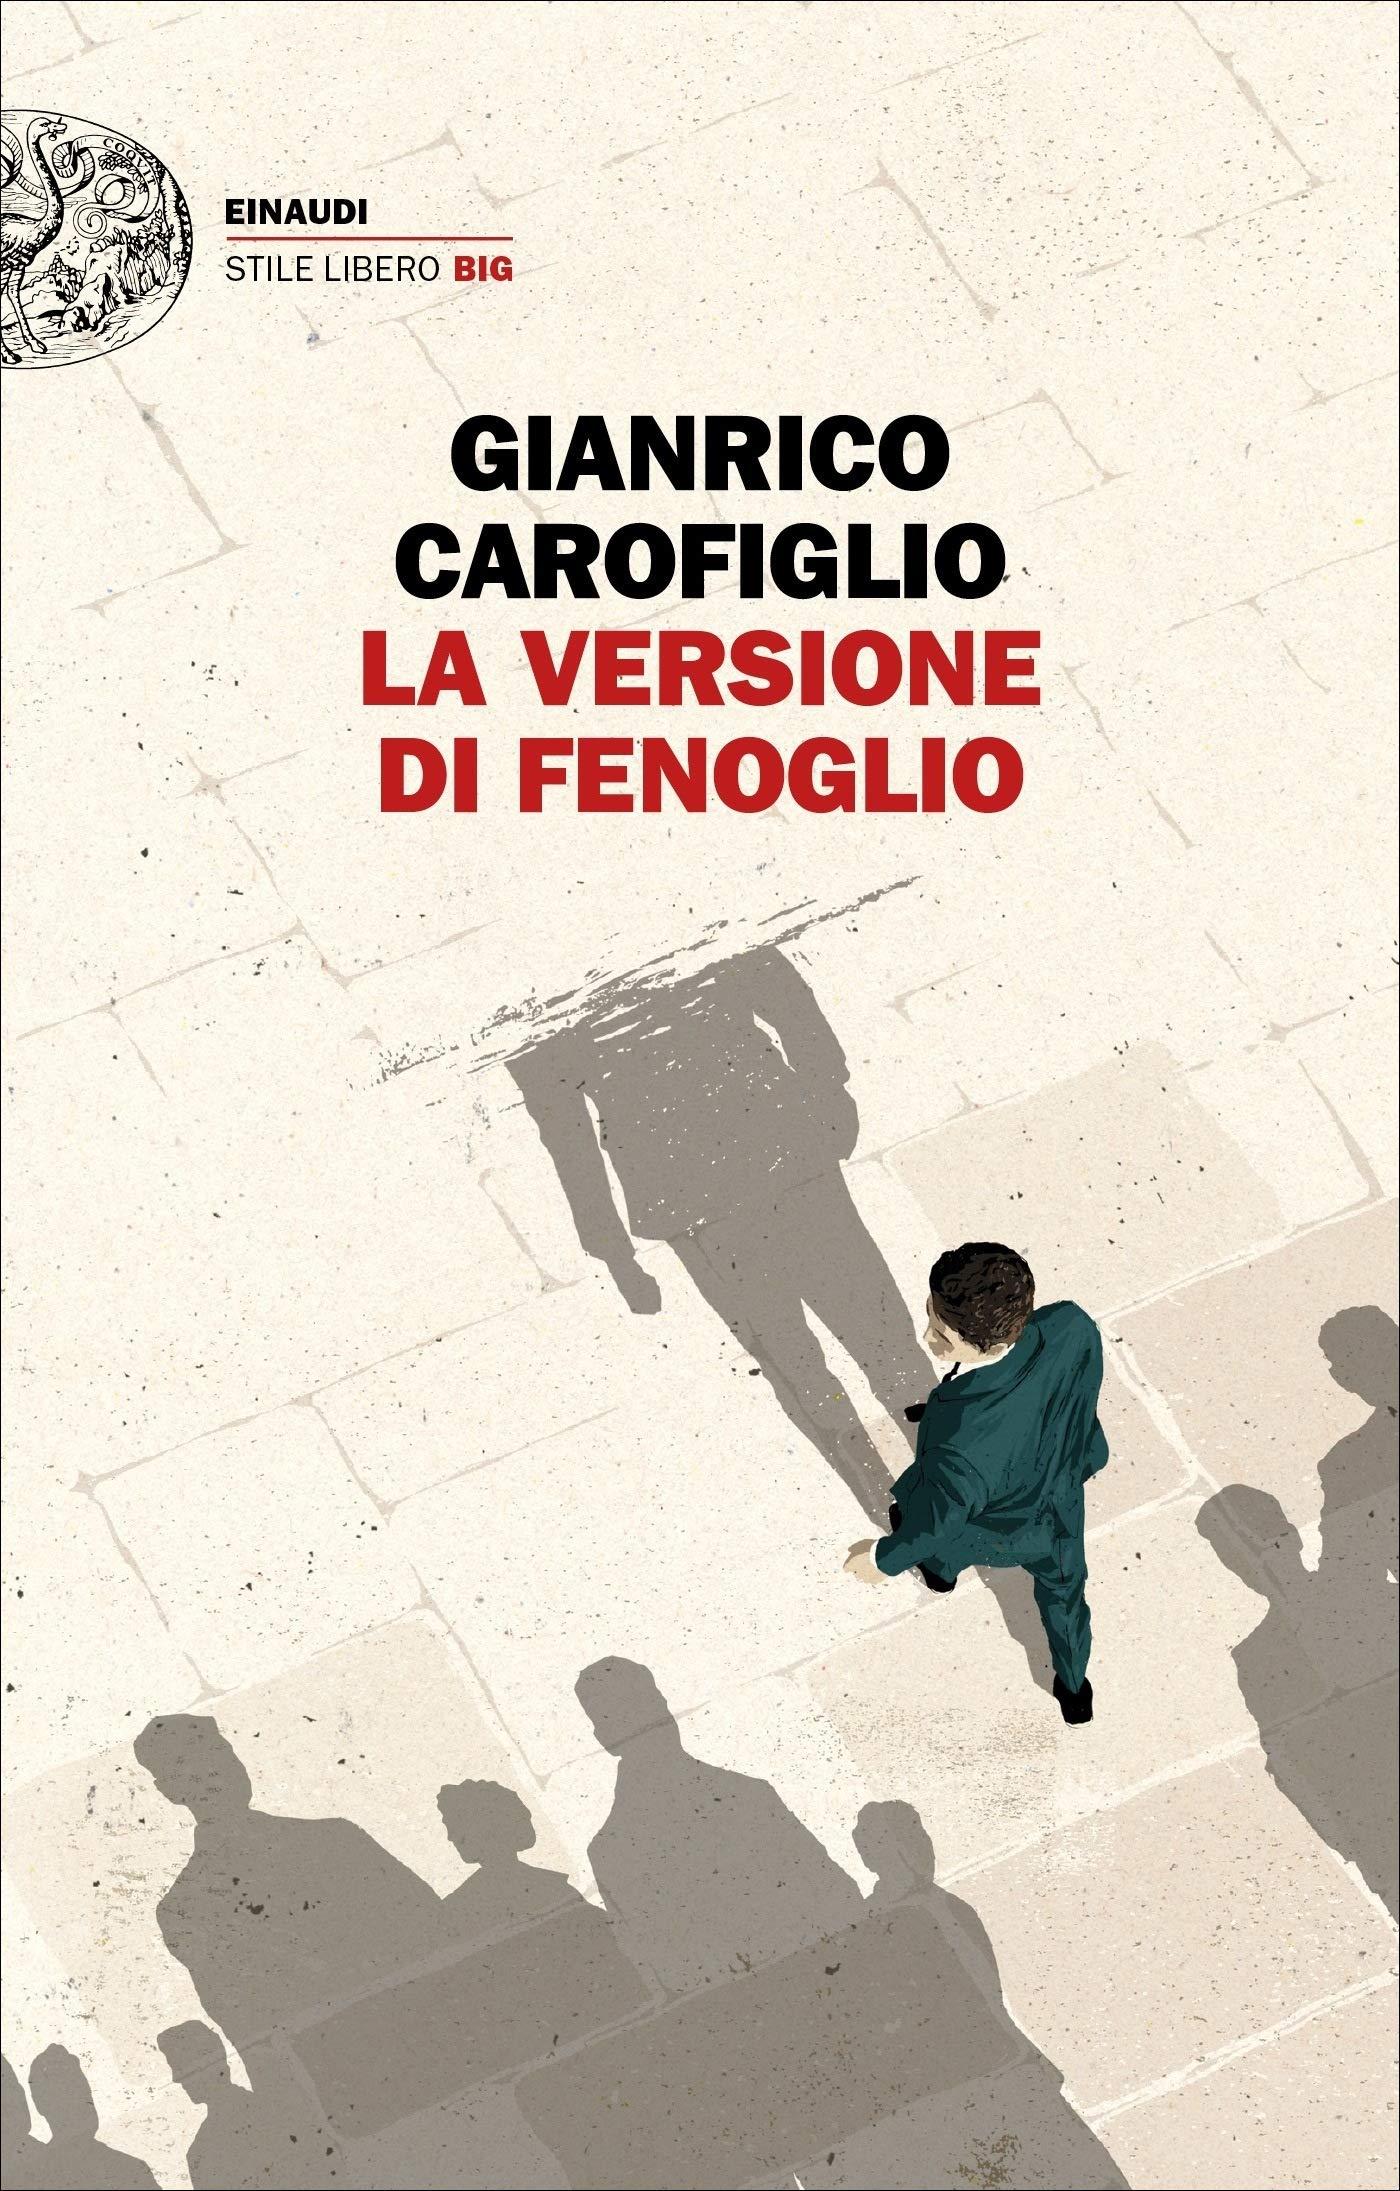 La versione di Fenoglio (2019): il maresciallo Fenoglio e il racconto delle indagini che hanno segnato la sua vita – Recensione dell'ultimo libro di Gianrico Carofiglio